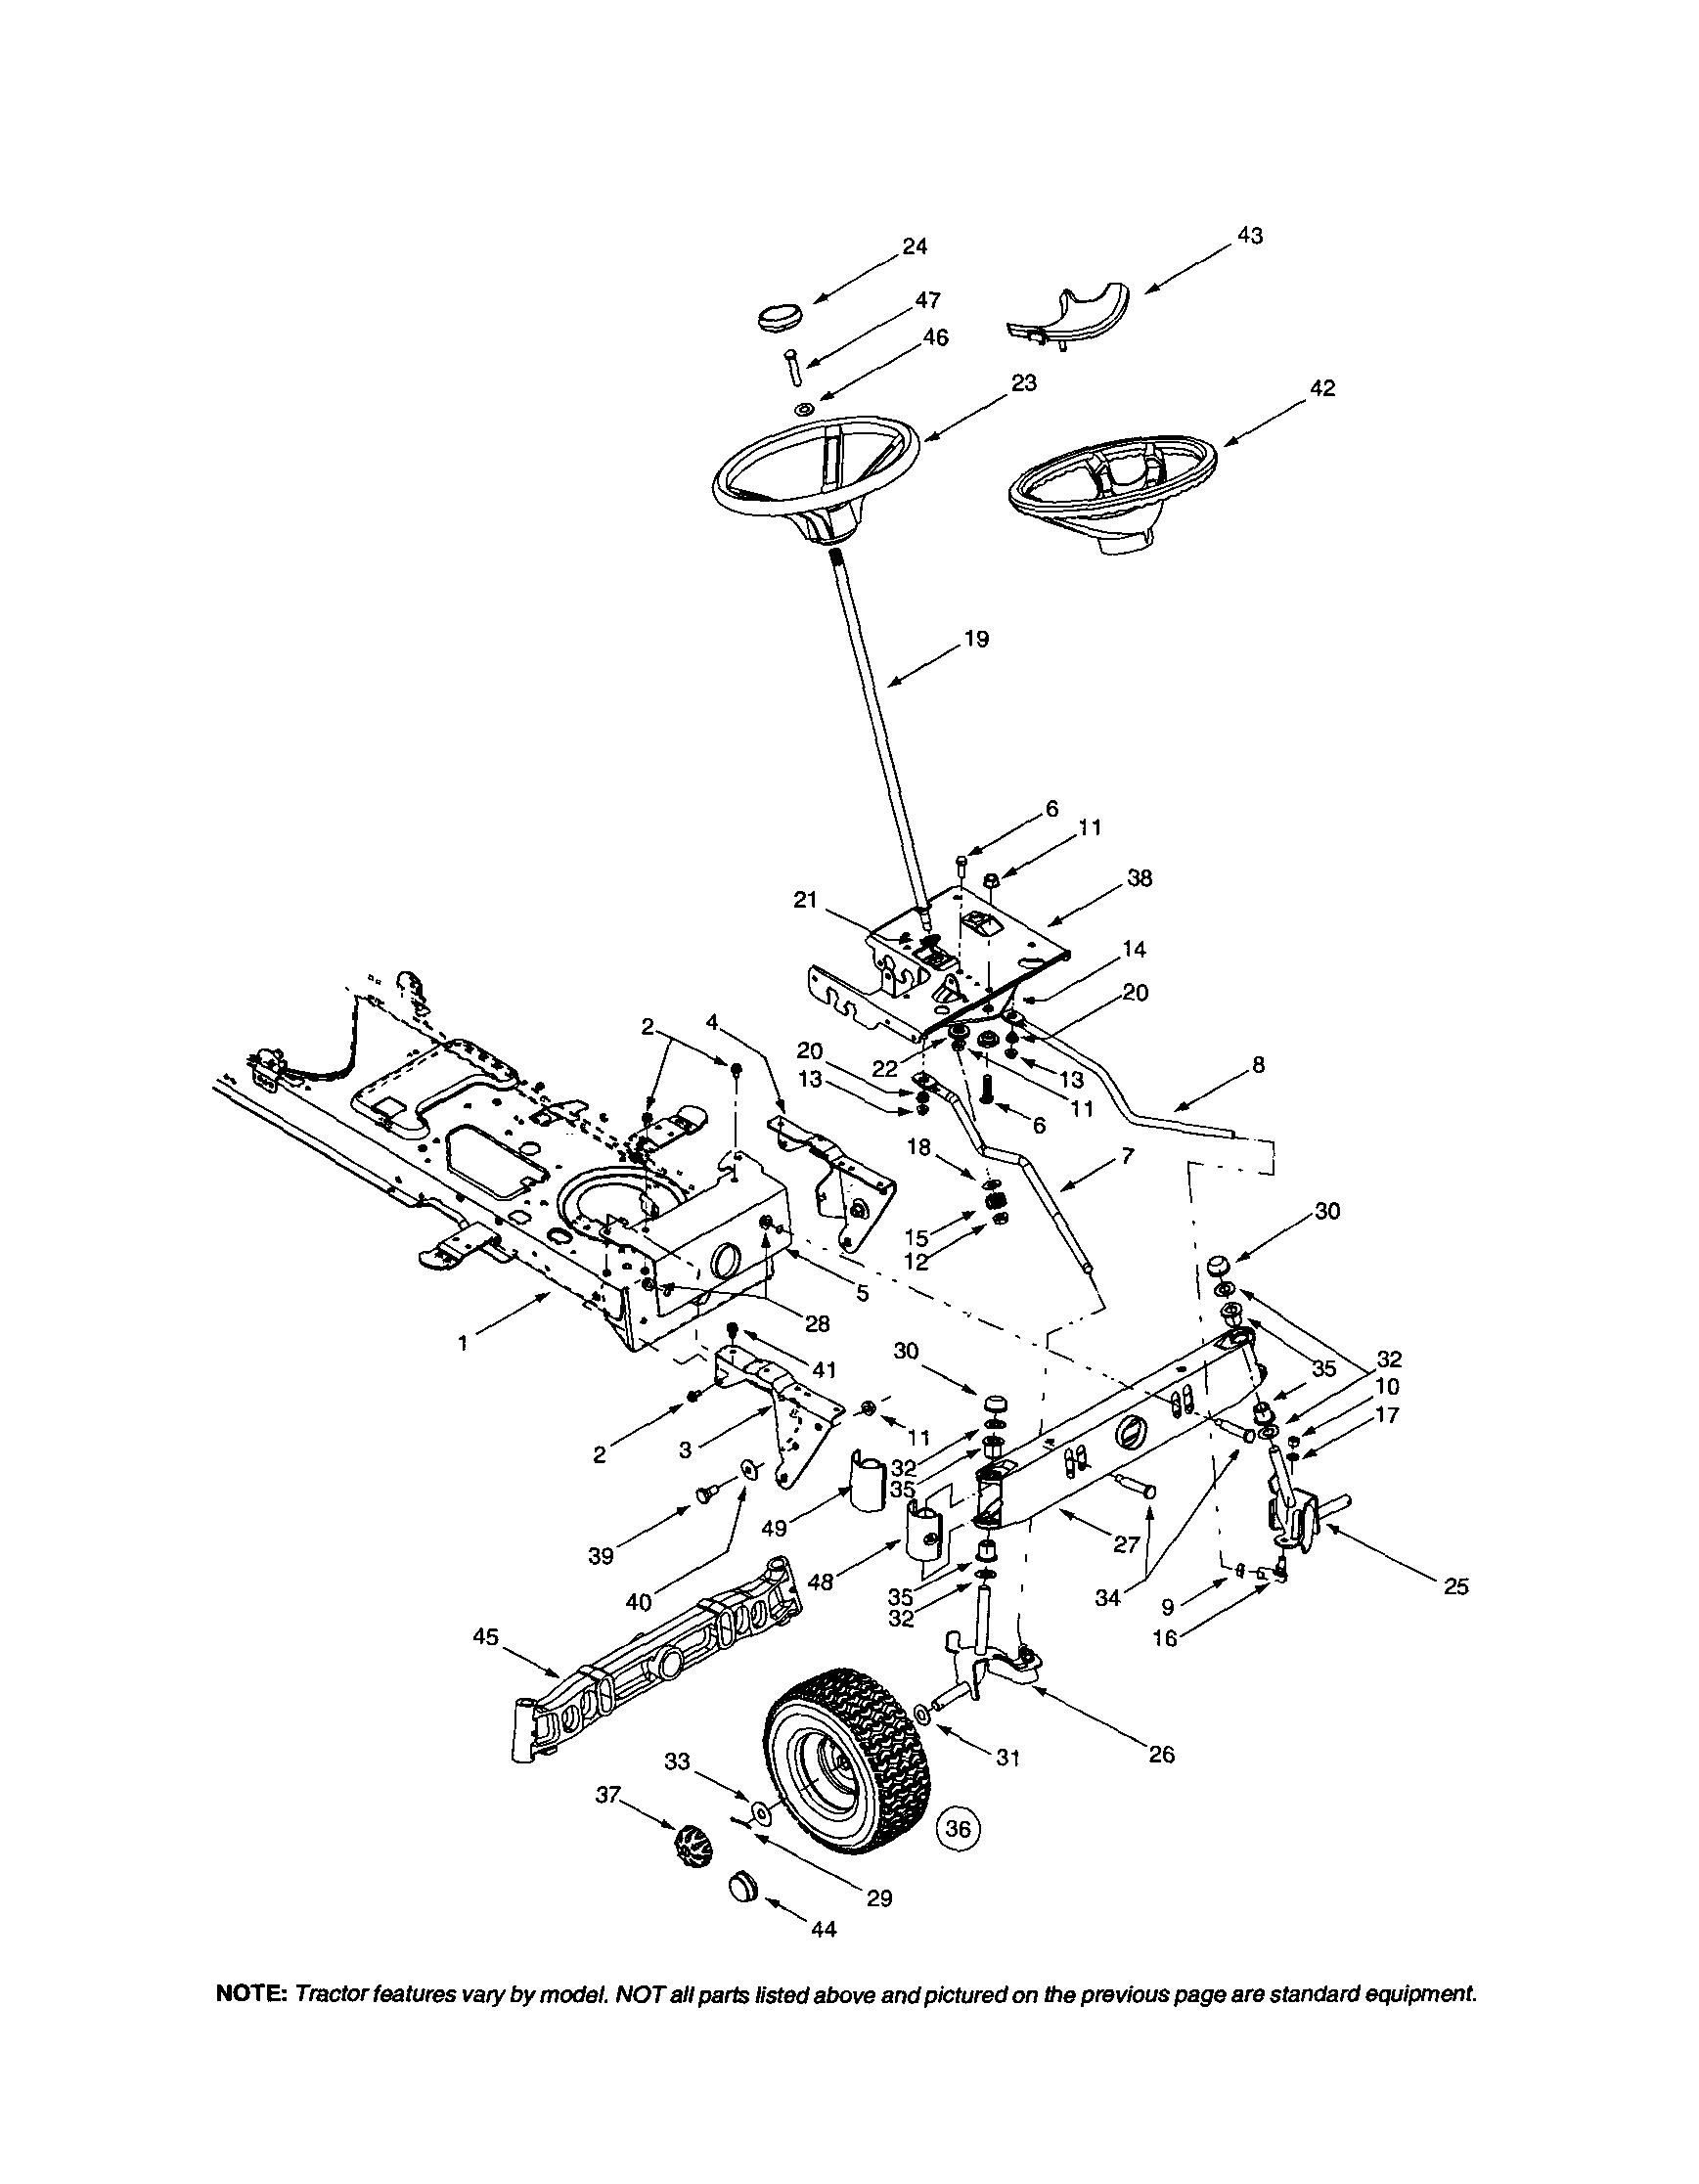 medium resolution of husqvarna lawn mower steering diagram